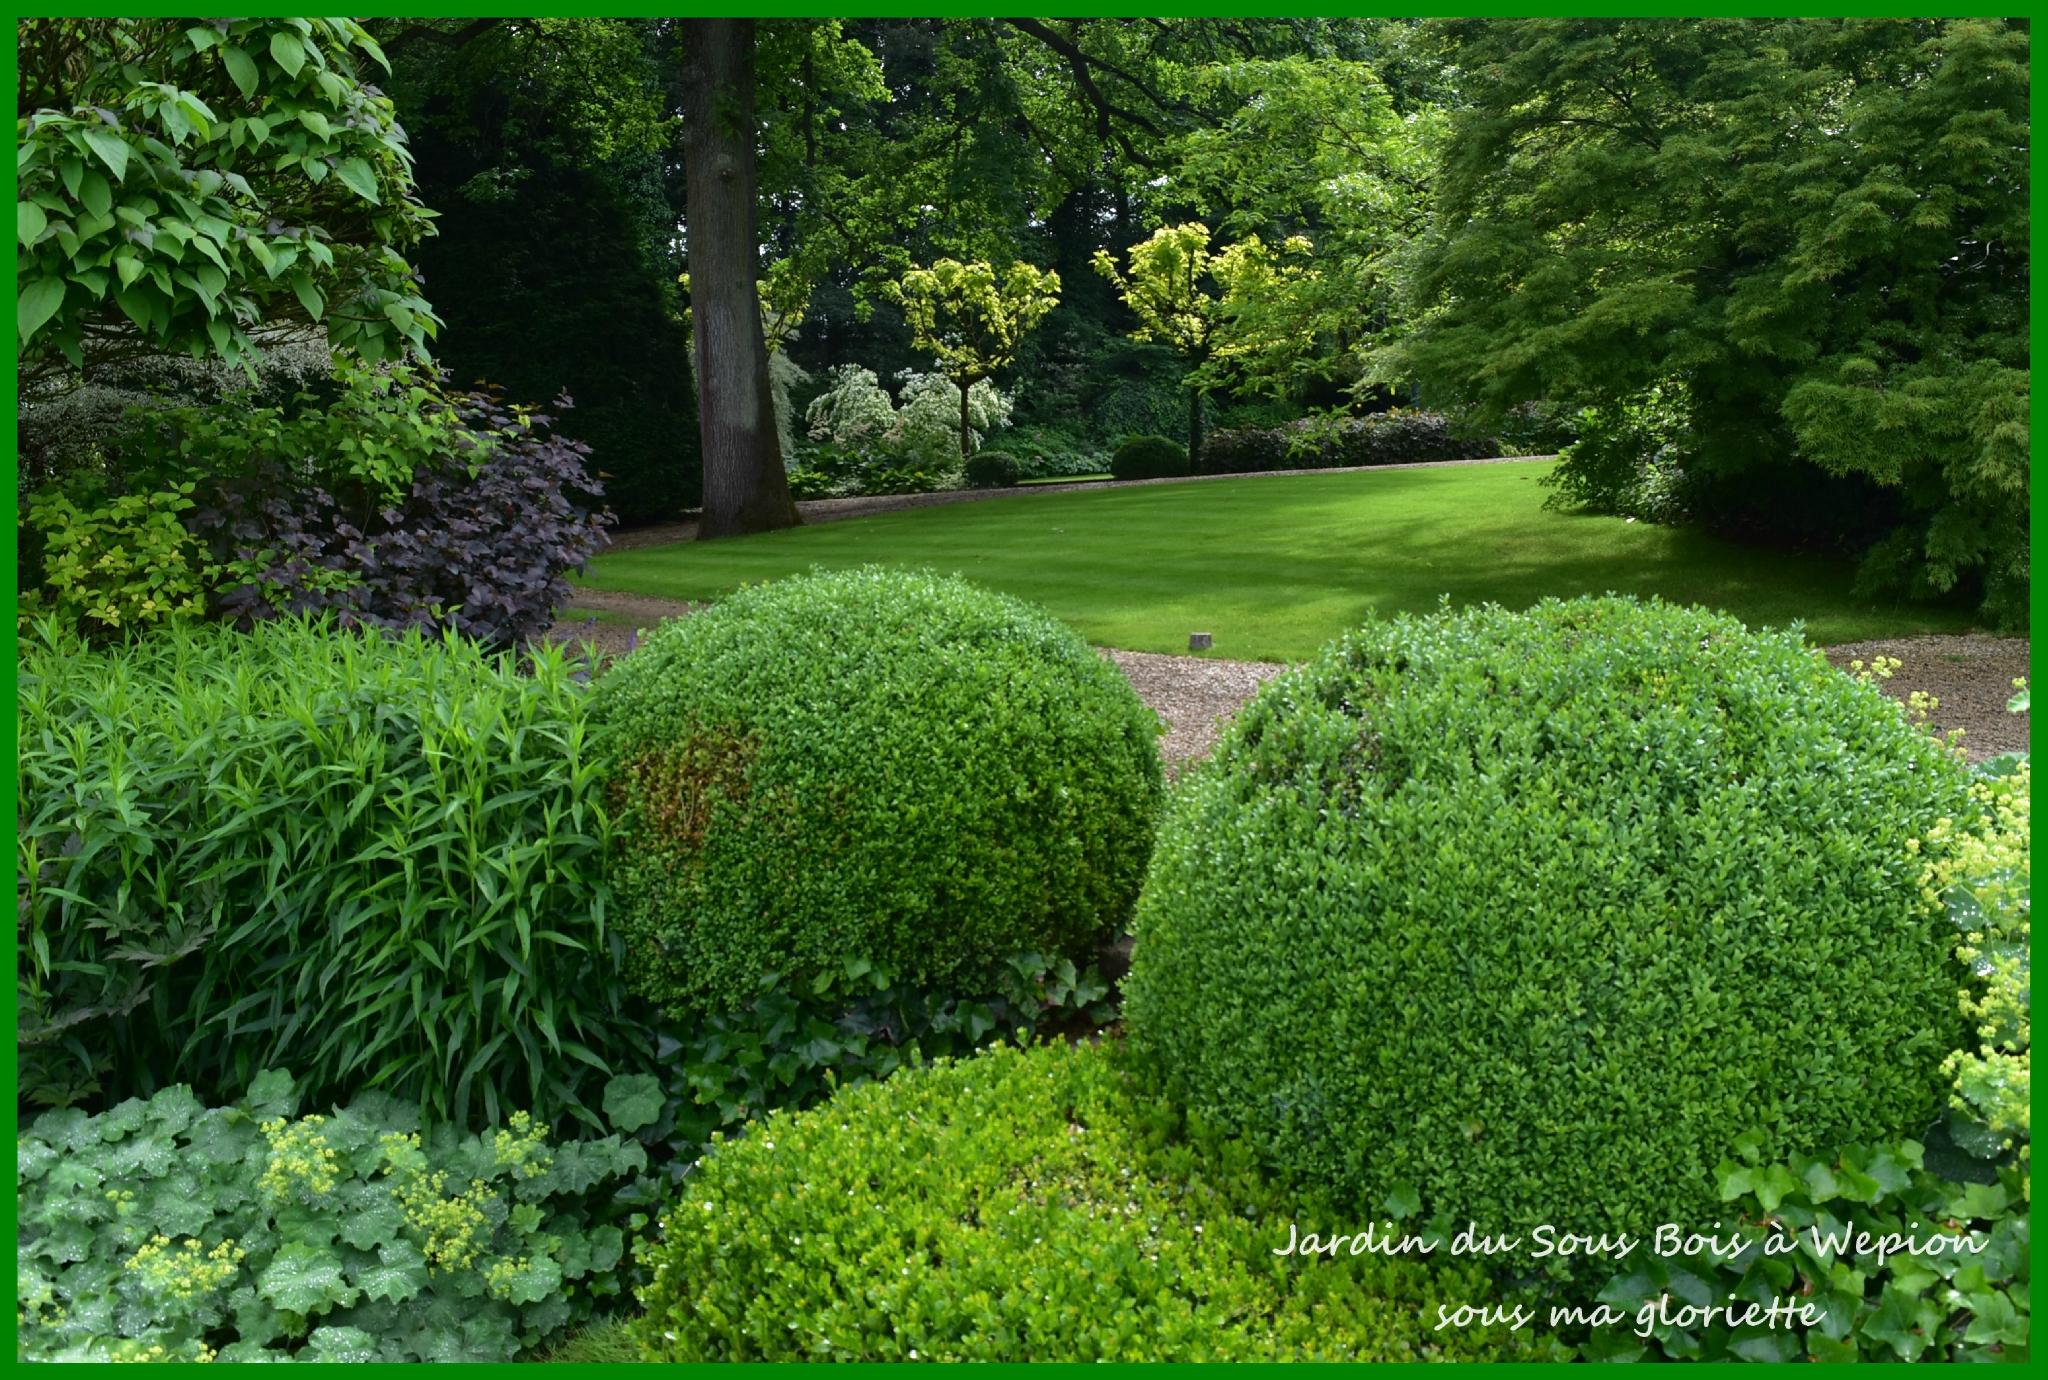 Le jardin du sous bois wepion belgique sous ma gloriette for Jardin belgique